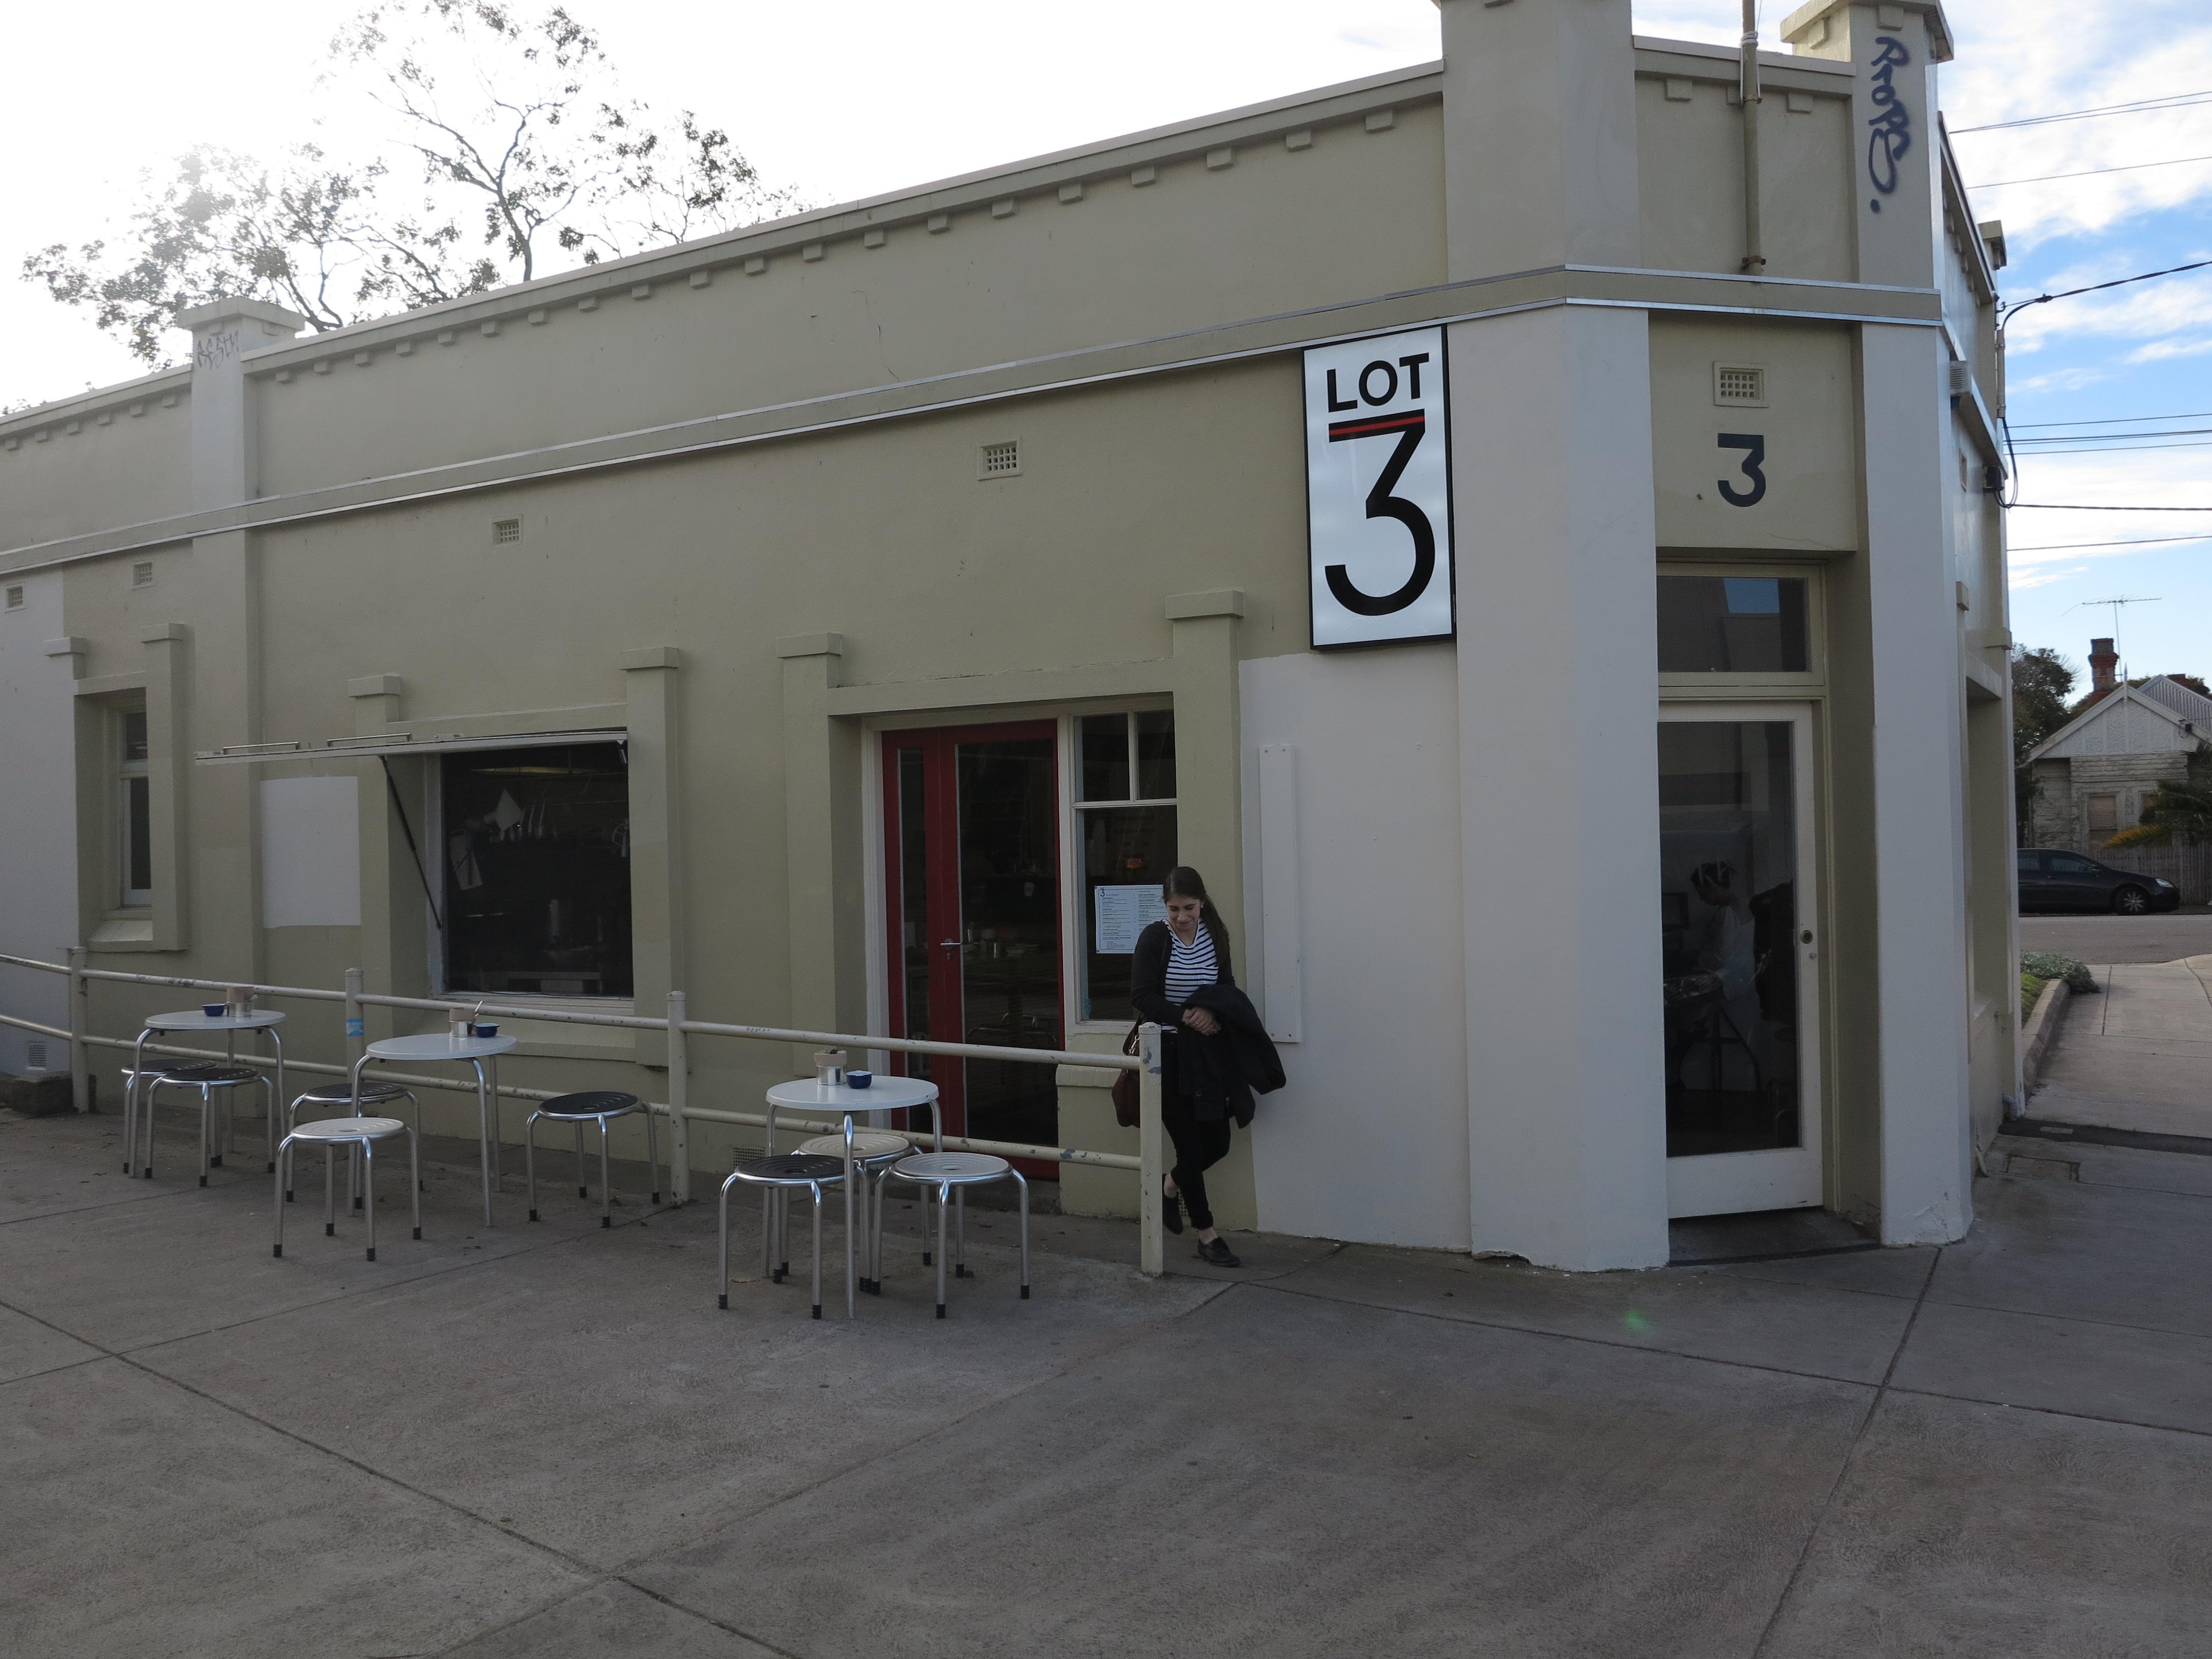 Lot 3 Ripponlea café